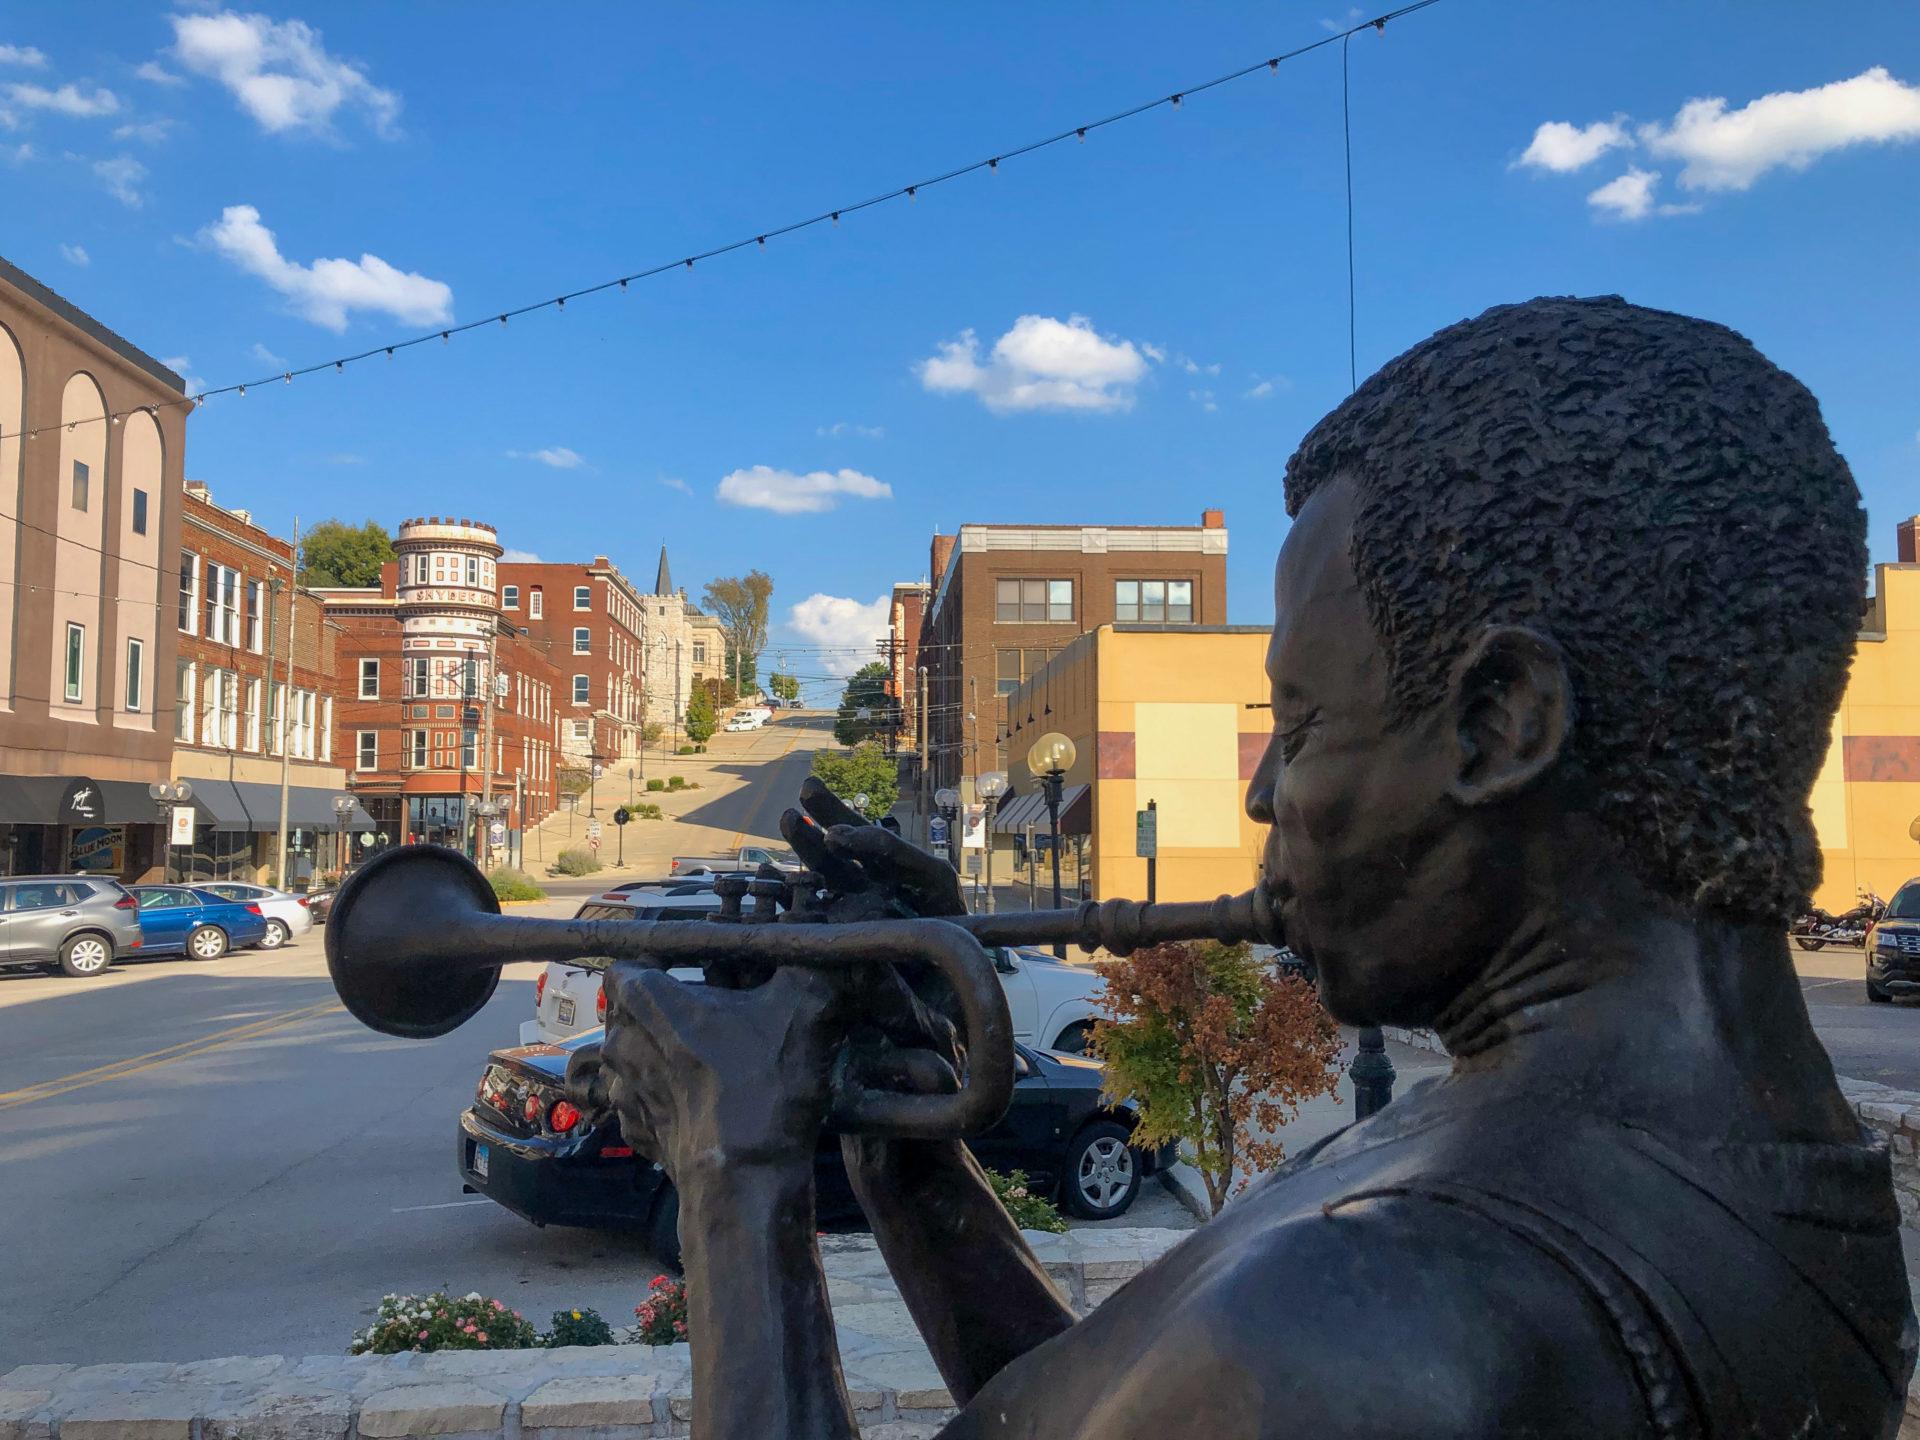 Alton ist der Geburtsort von Miles Davis, an den eine Statue an der Route 66 erinnert